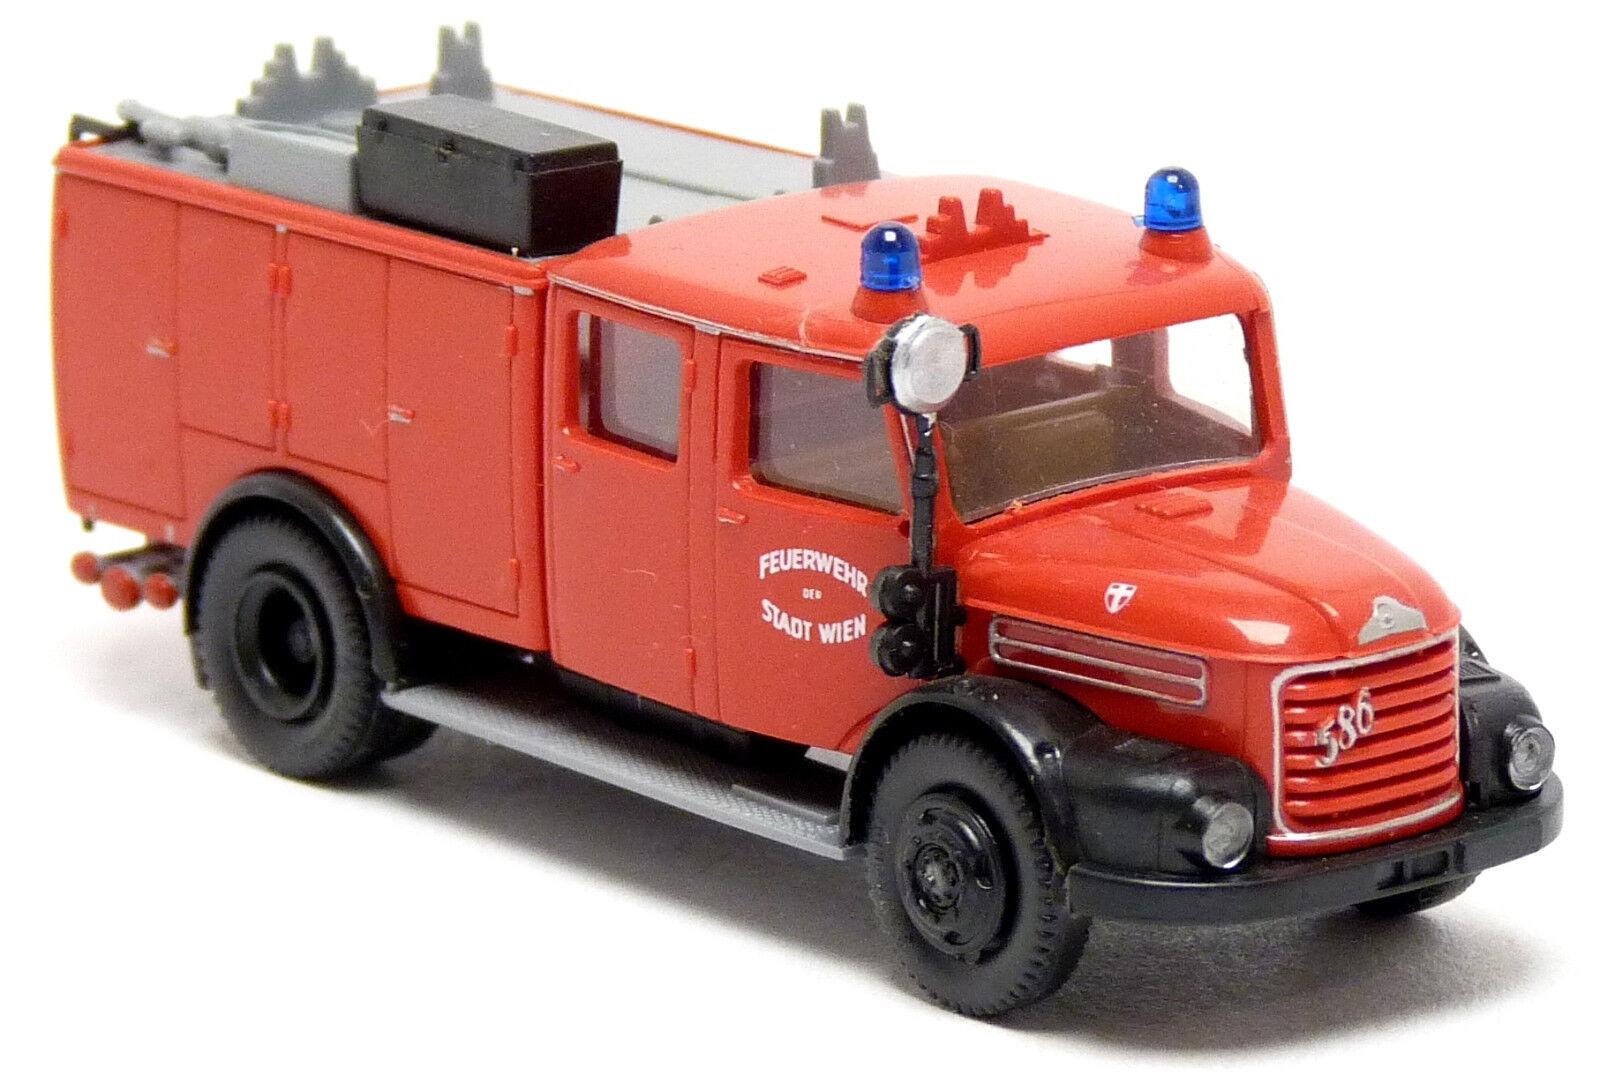 Roco 1344 Steyr 586 TLF 1500 Feuerwehr Wien Österreich red Löschfahrzeug 1 87 H0